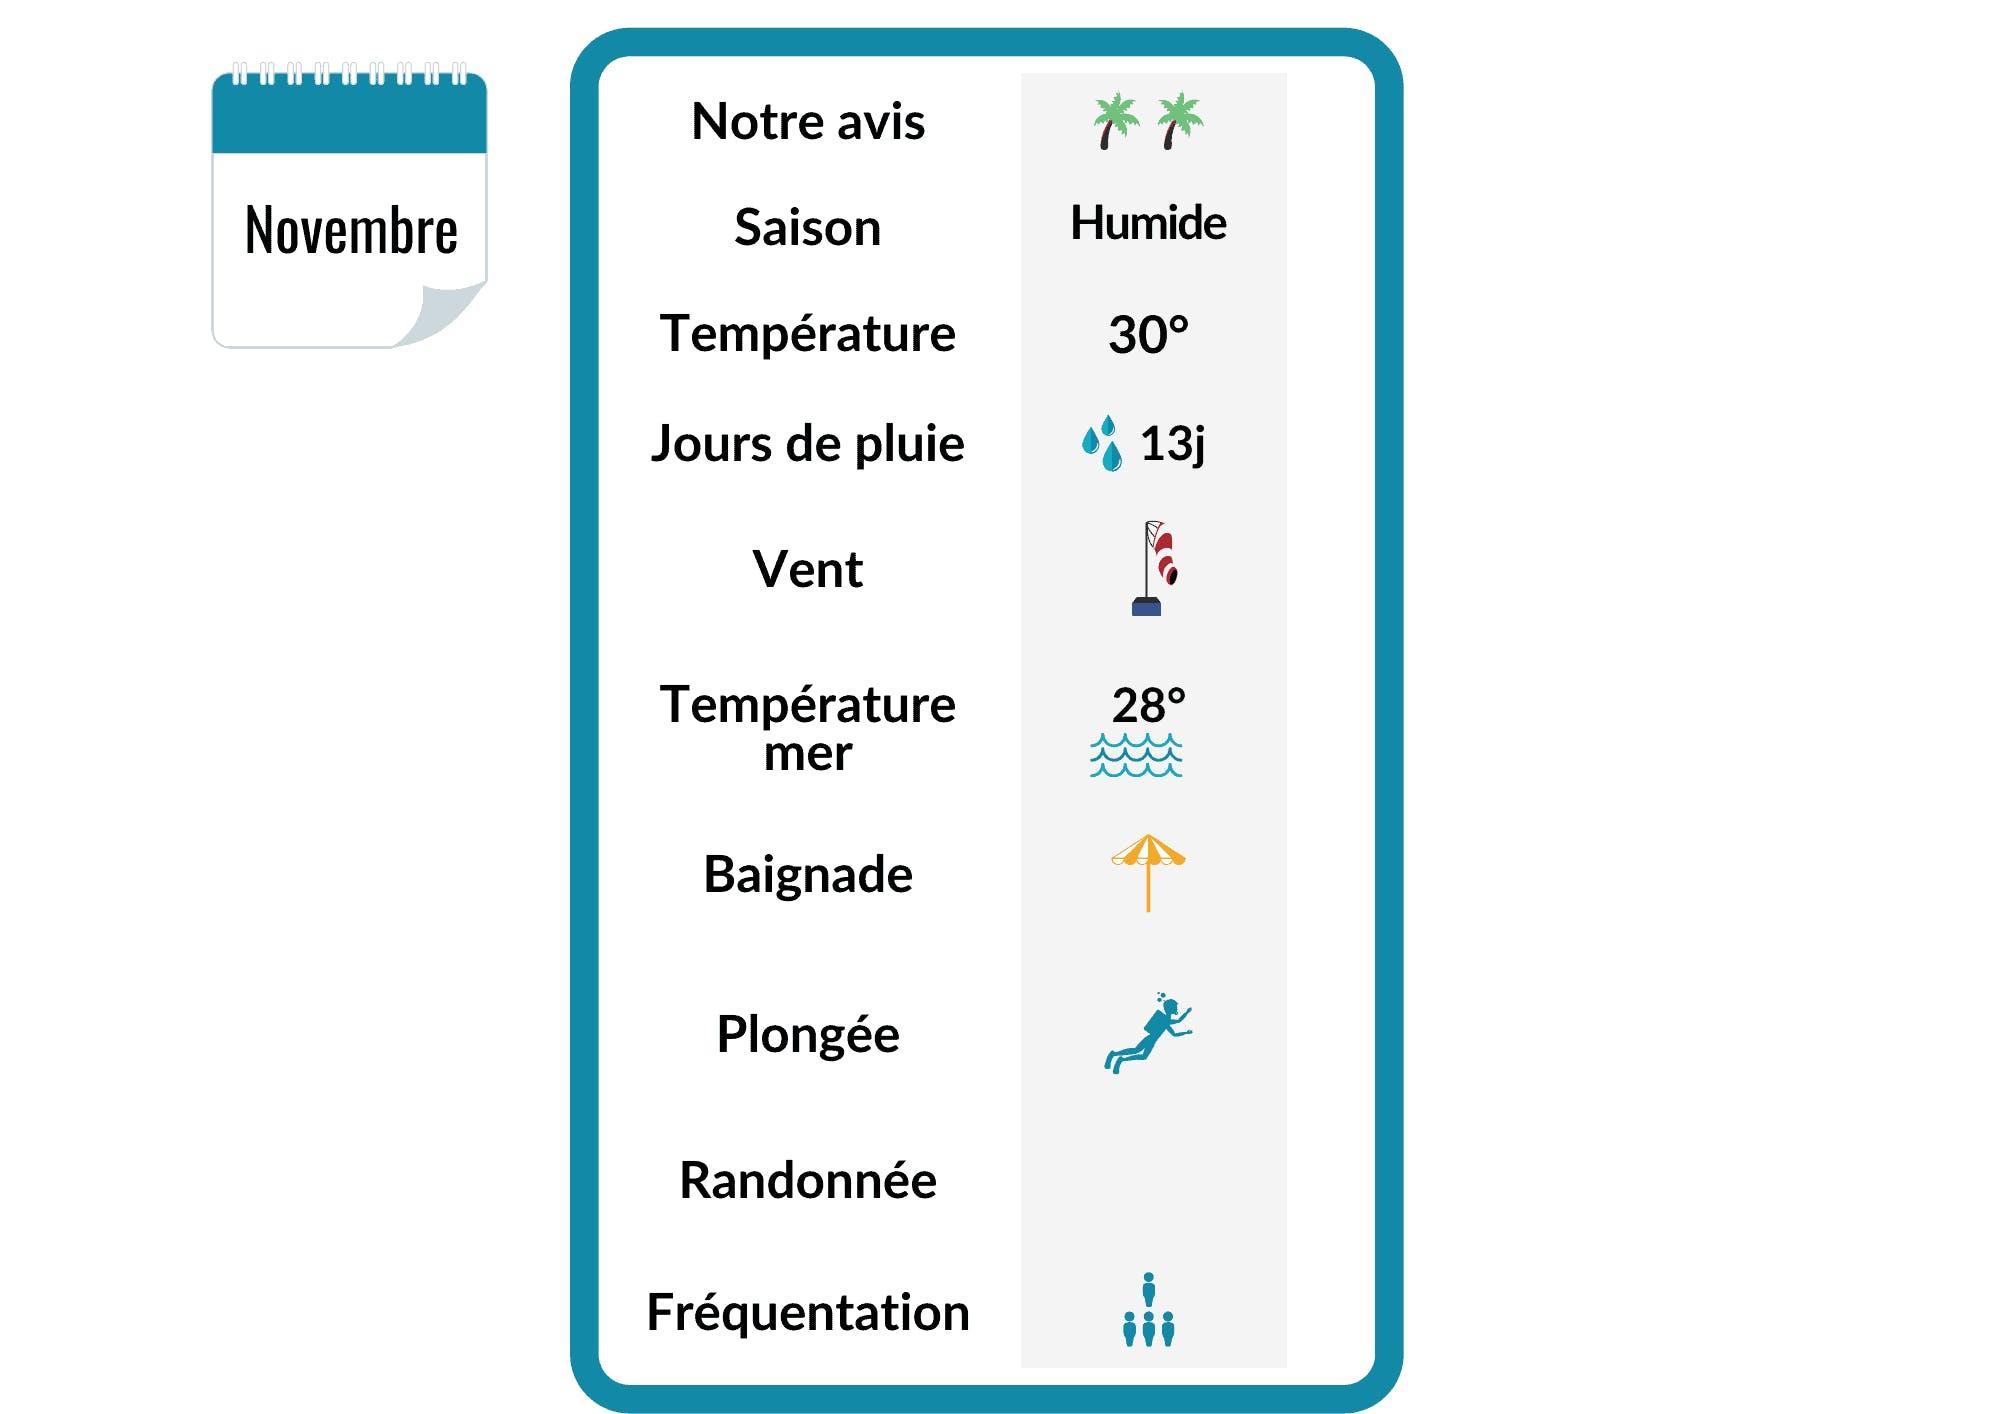 Infographie sur la météo en Martinique en novembre